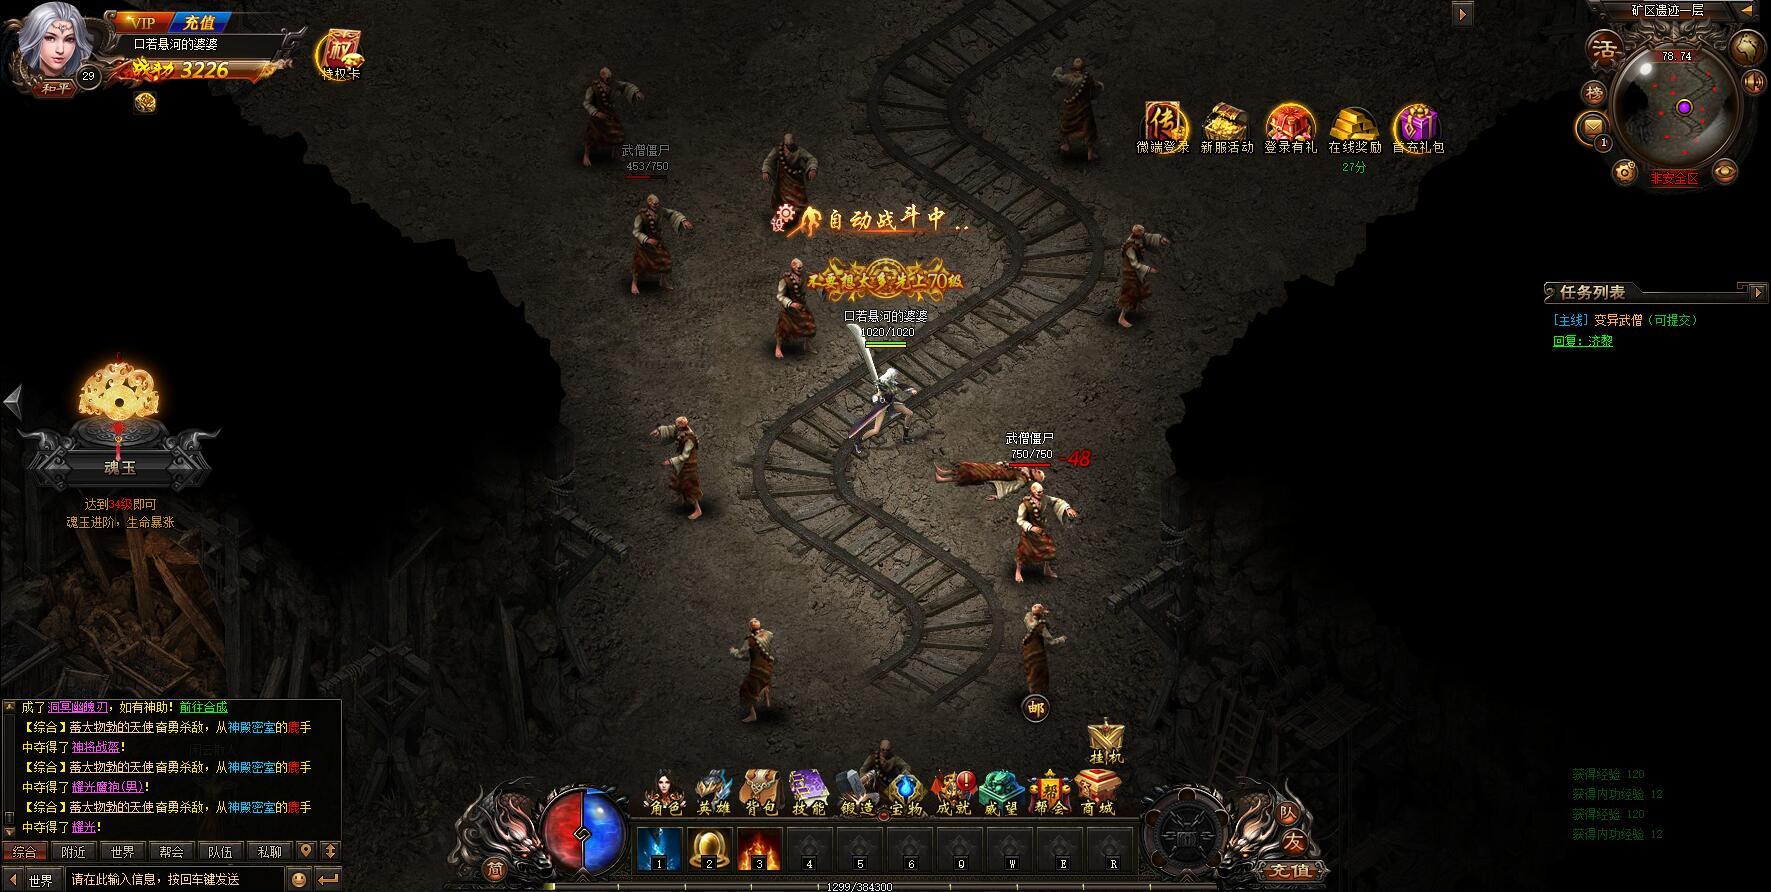 《霸王之心》最新游戏截图